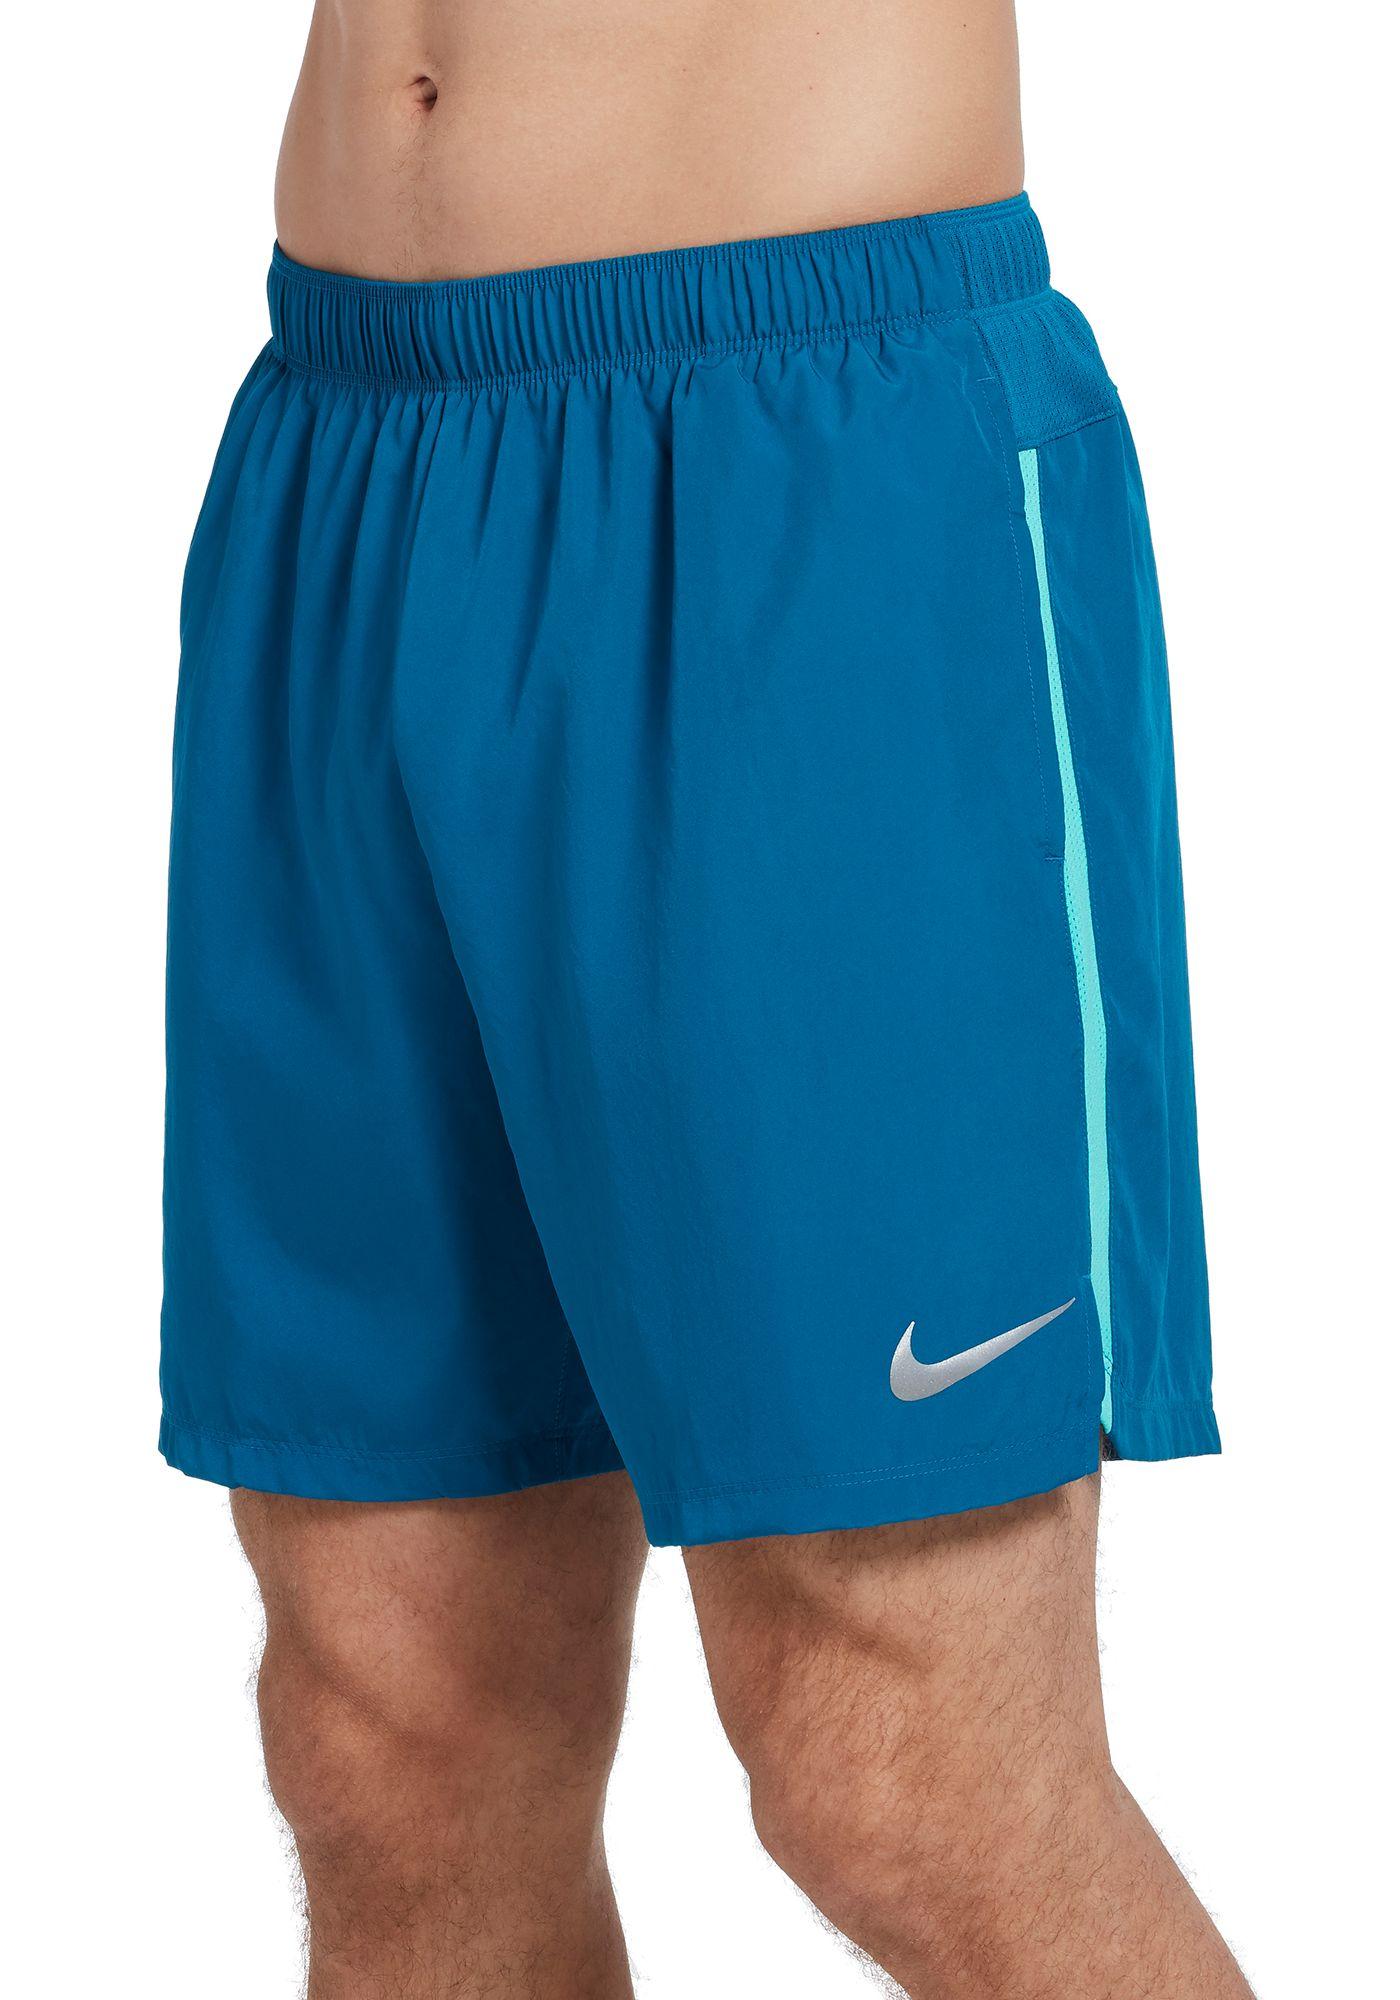 Nike Men's Dry Challenger 7'' Running Shorts